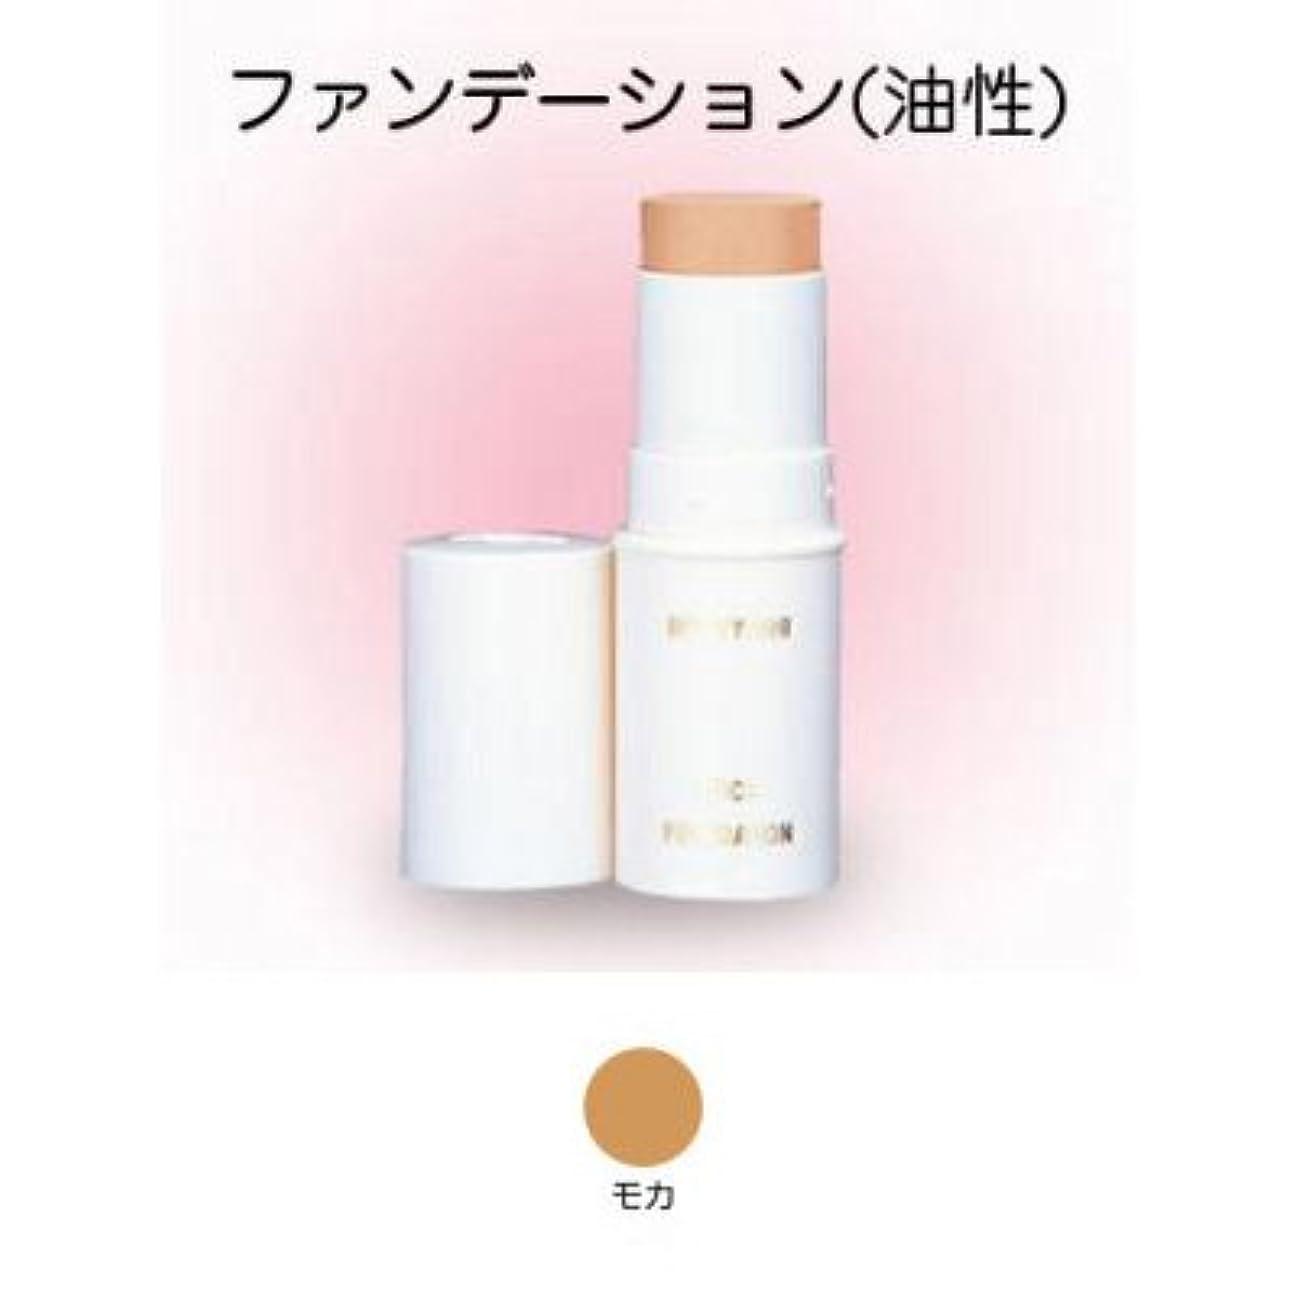 ディスク母音病者スティックファンデーション 16g モカ 【三善】